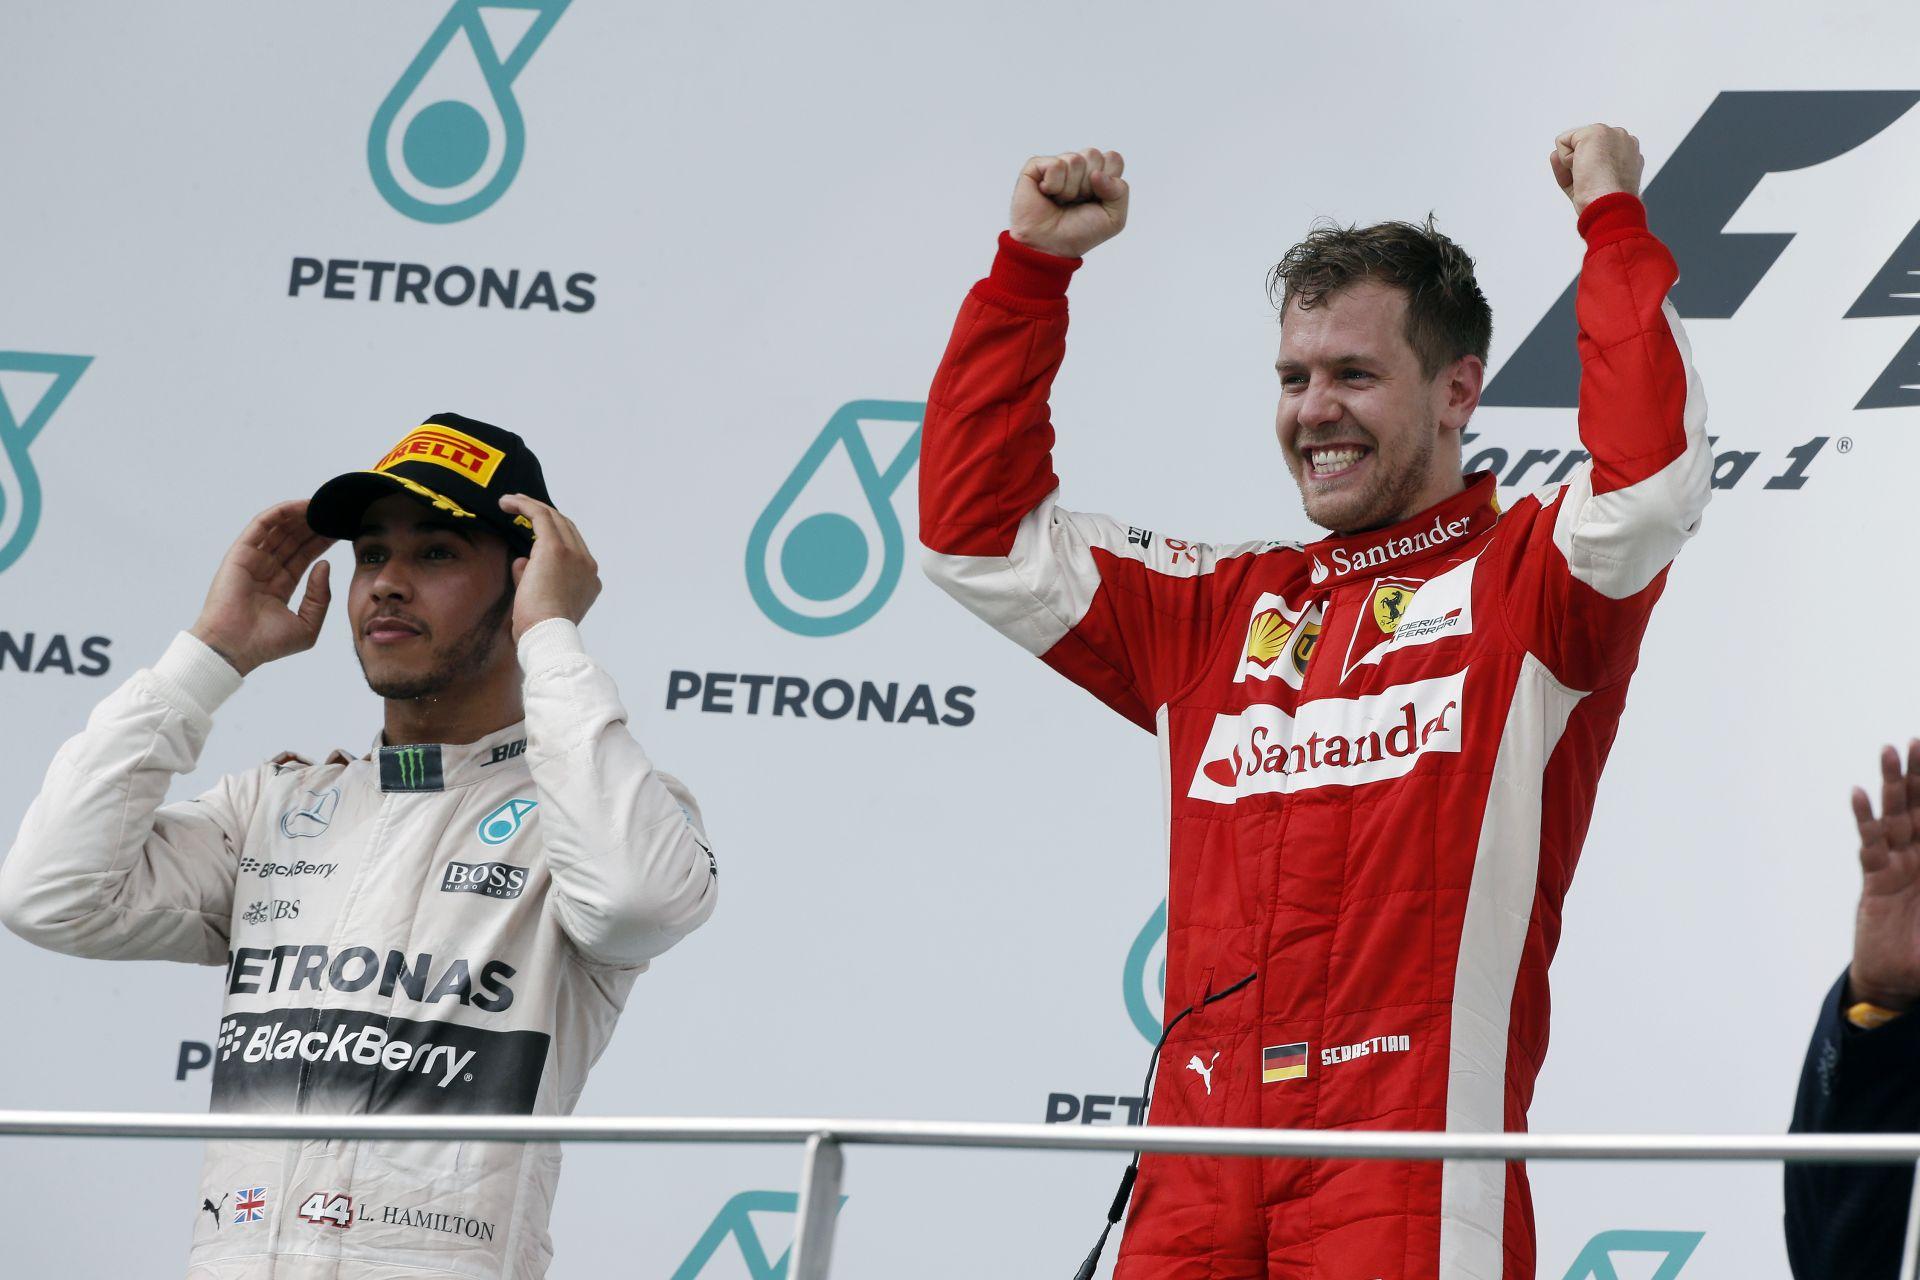 Levezető kör: Ferrari is back!